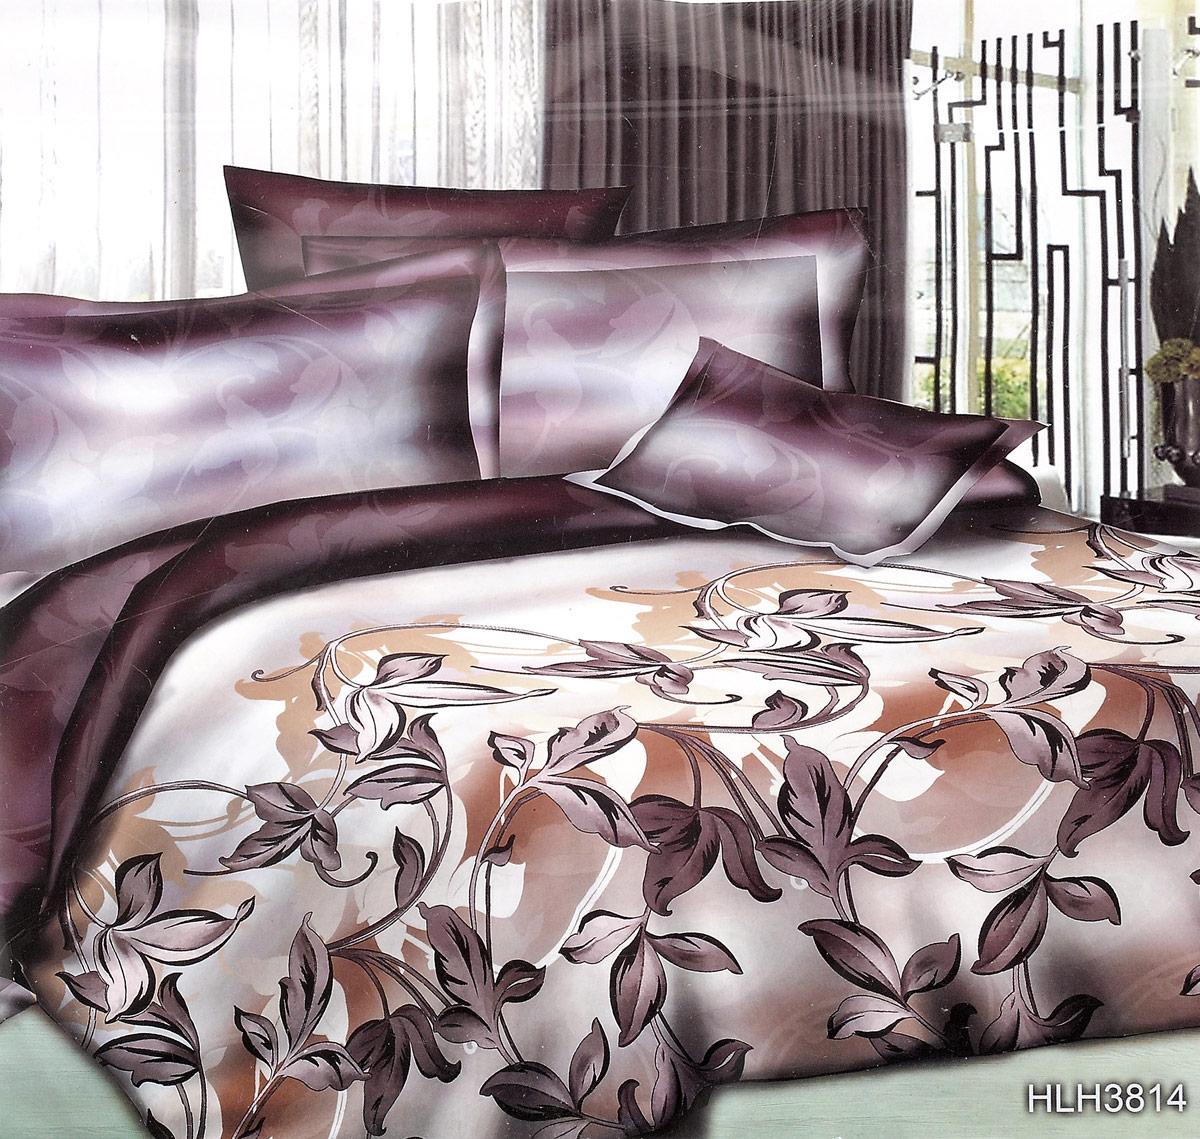 Комплект белья ЭГО Шанталь, 1,5-спальный, наволочки 70x70Э-2026-01Комплект белья ЭГО Шанталь выполнен из полисатина (50% хлопка, 50% полиэстера). Комплект состоит из пододеяльника, простыни и двух наволочек. Постельное белье имеет изысканный внешний вид и яркую цветовую гамму. Гладкая структура делает ткань приятной на ощупь, мягкой и нежной, при этом она прочная и хорошо сохраняет форму. Ткань легко гладится, не линяет и не садится. Приобретая комплект постельного белья ЭГО Шанталь, вы можете быть уверенны в том, что покупка доставит вам и вашим близким удовольствие и подарит максимальный комфорт.